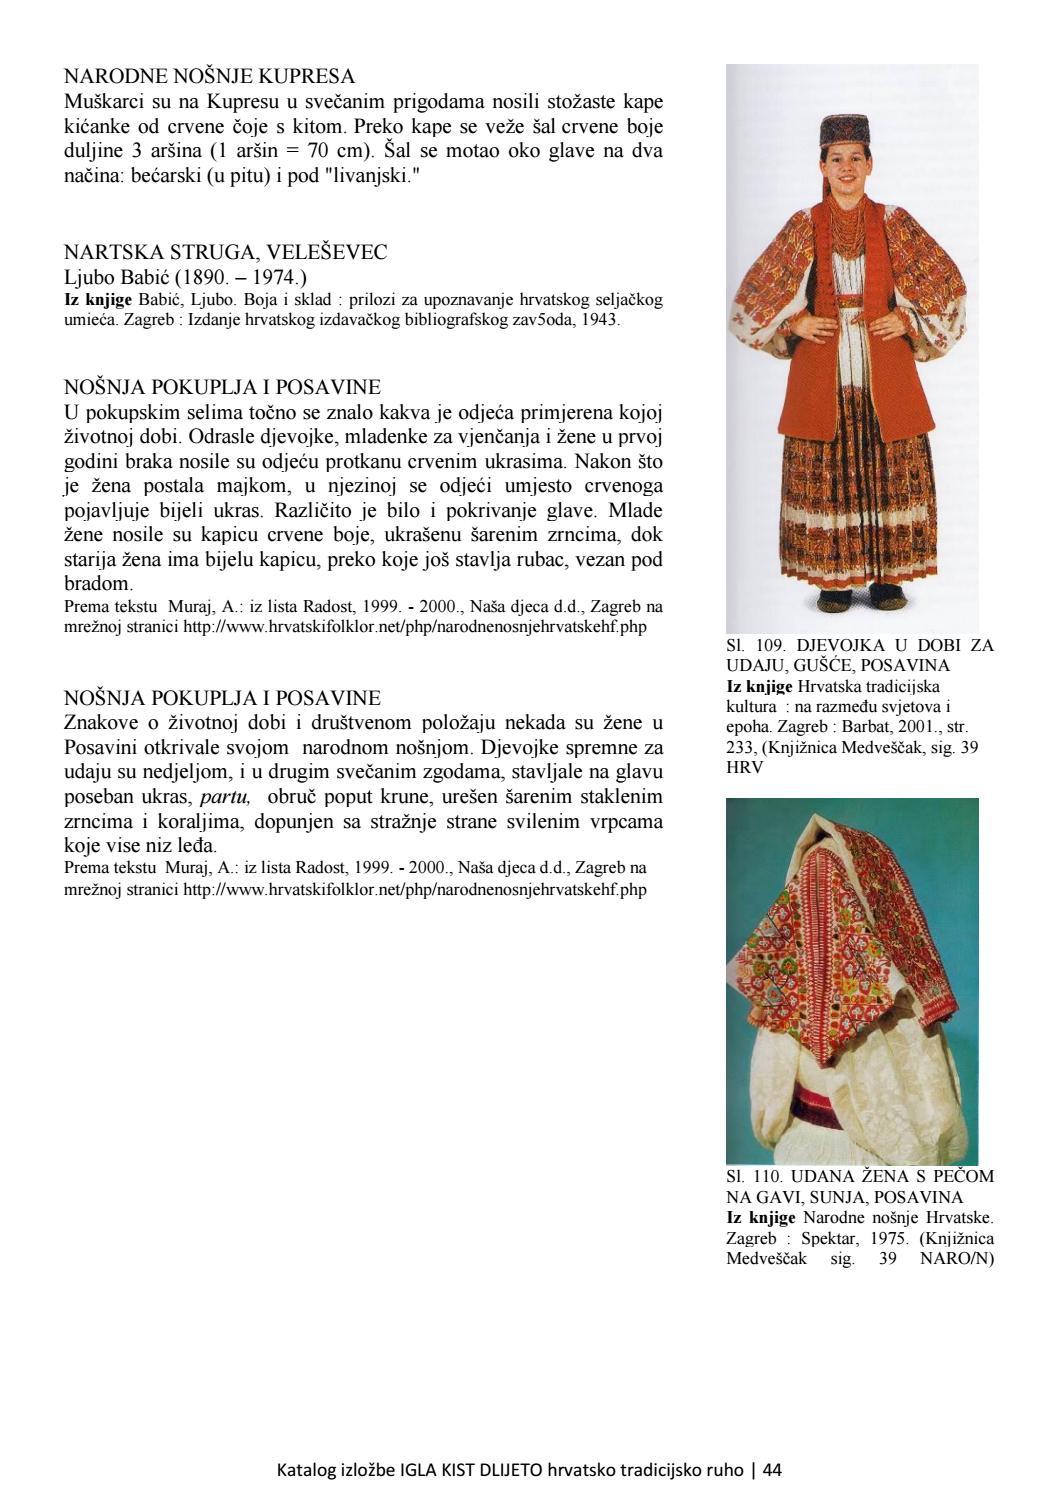 Mrežne stranice za upoznavanje chennai